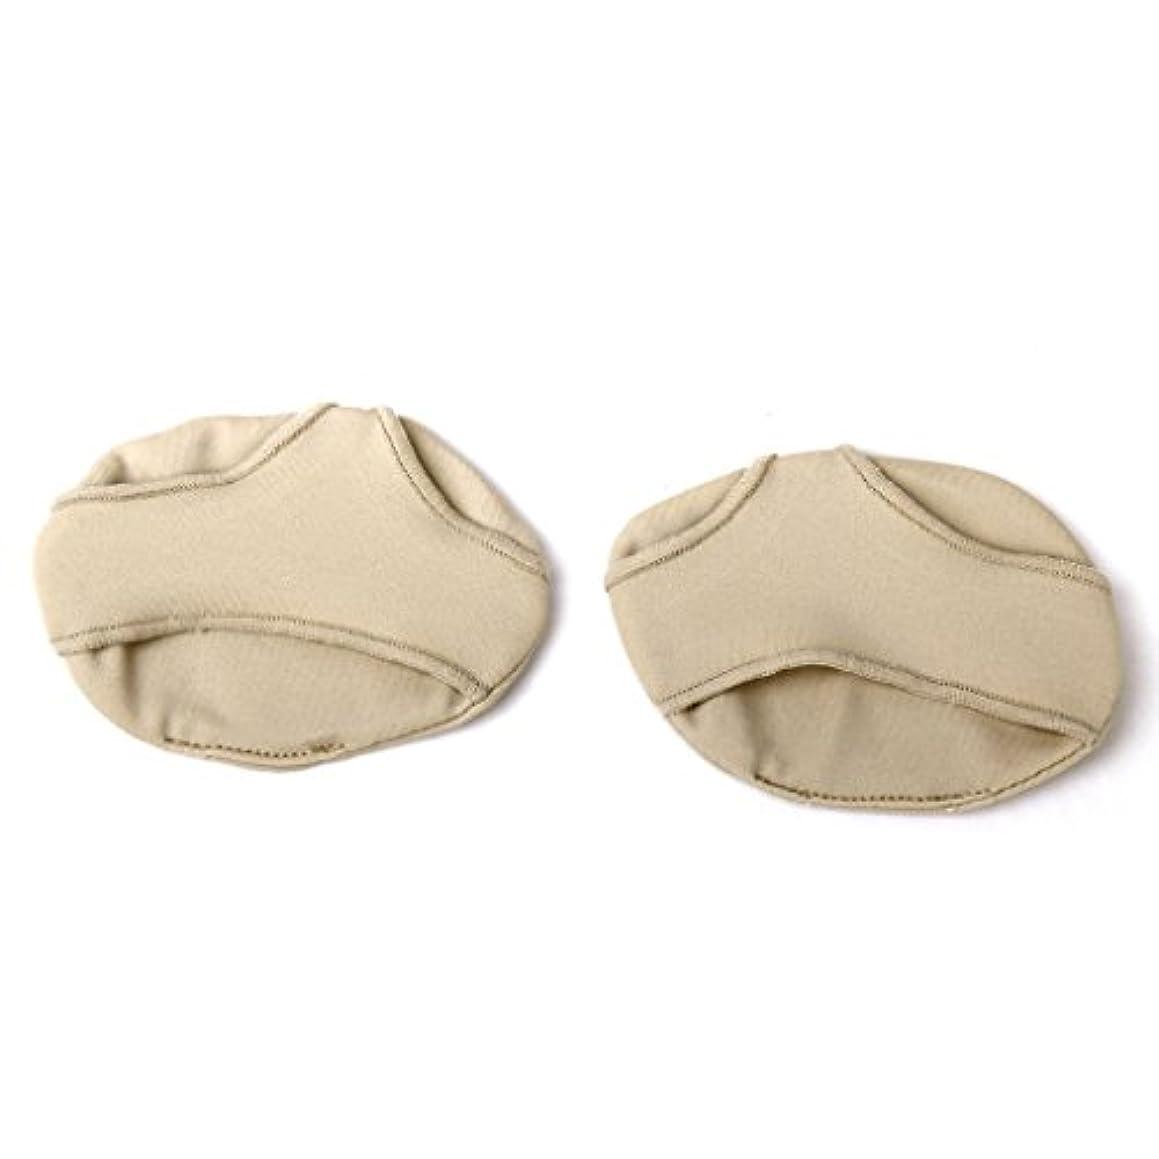 耐える宿前提条件SODIAL(R) ペアの低中足パッド クッションブランケット 前足の痛みを和らげるためのストラップ付きインソール Y形